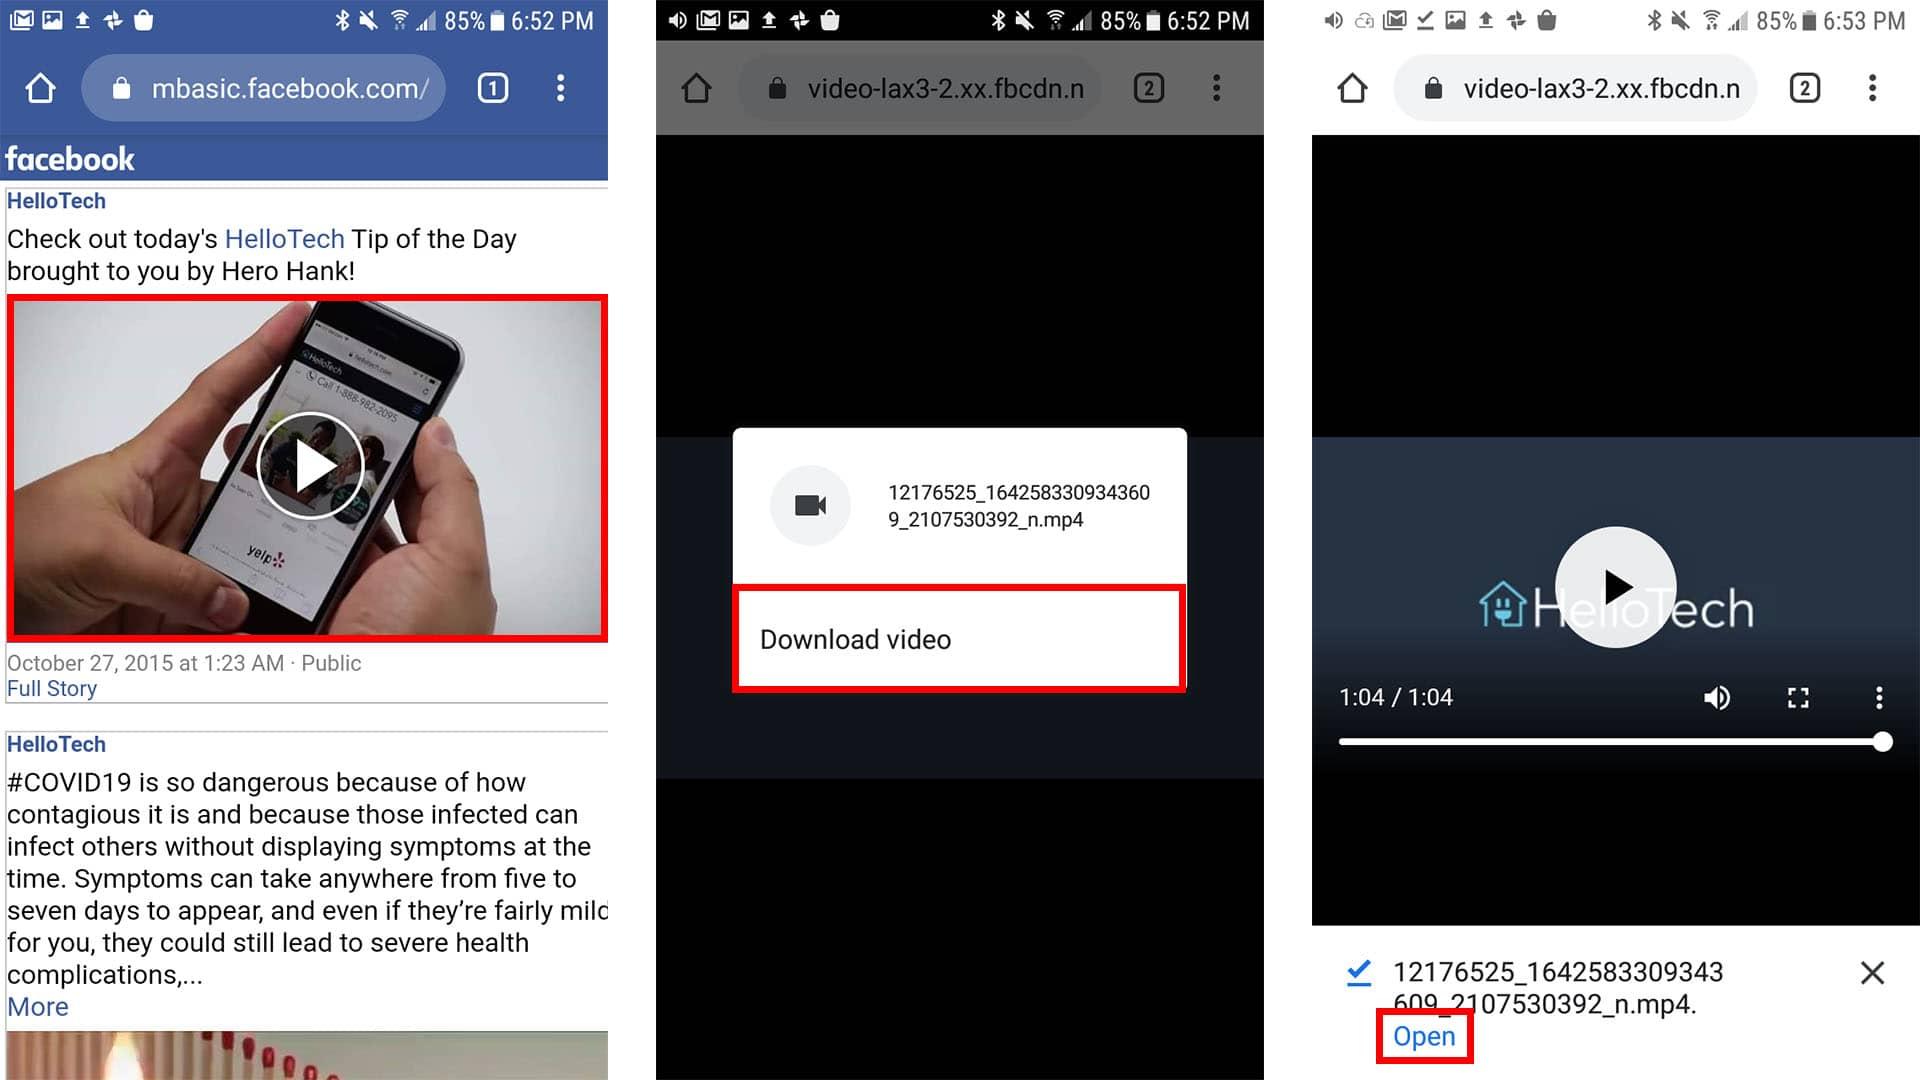 كيفية تنزيل فيديو من الفيس بوك للاندرويد بجودة عالية مجانا